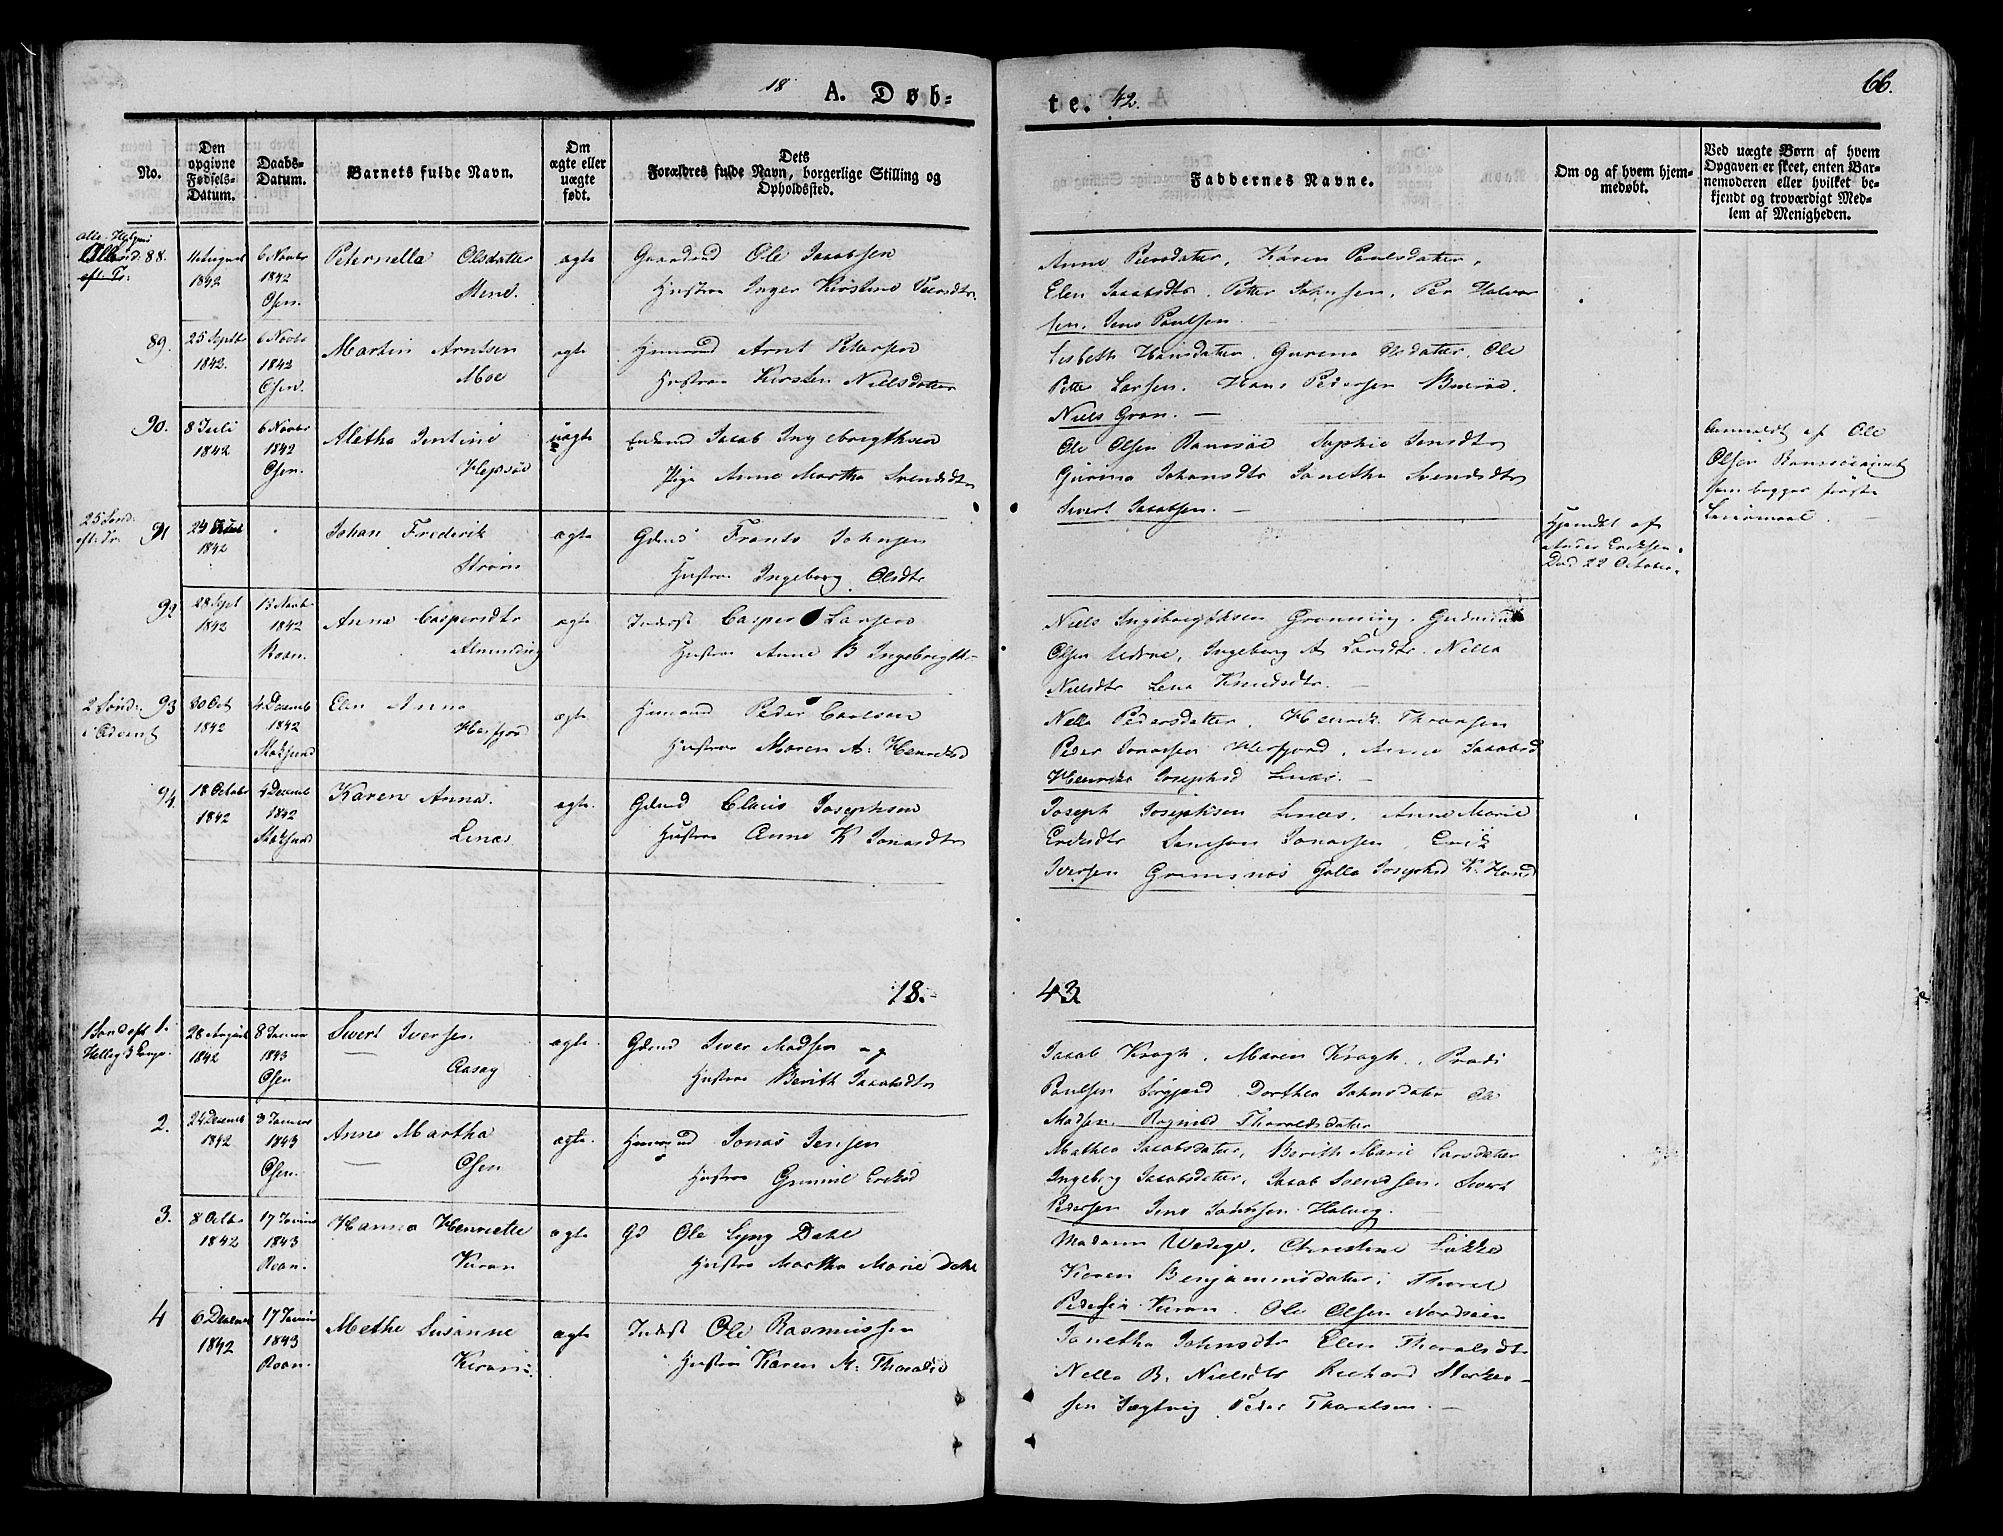 SAT, Ministerialprotokoller, klokkerbøker og fødselsregistre - Sør-Trøndelag, 657/L0703: Ministerialbok nr. 657A04, 1831-1846, s. 66